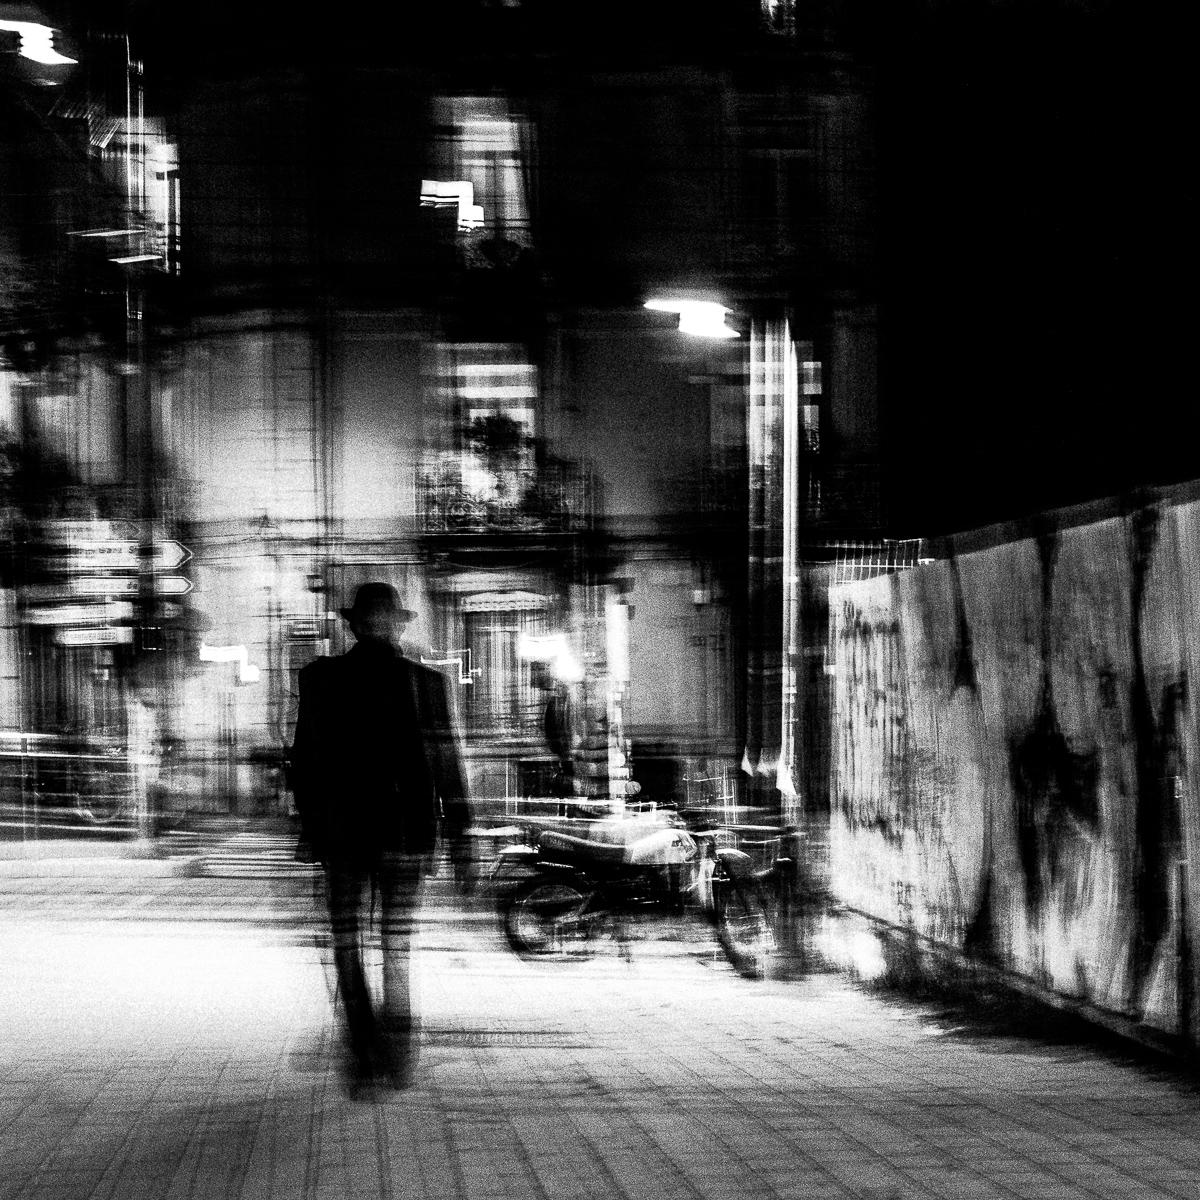 161126_mannight.blur_0209